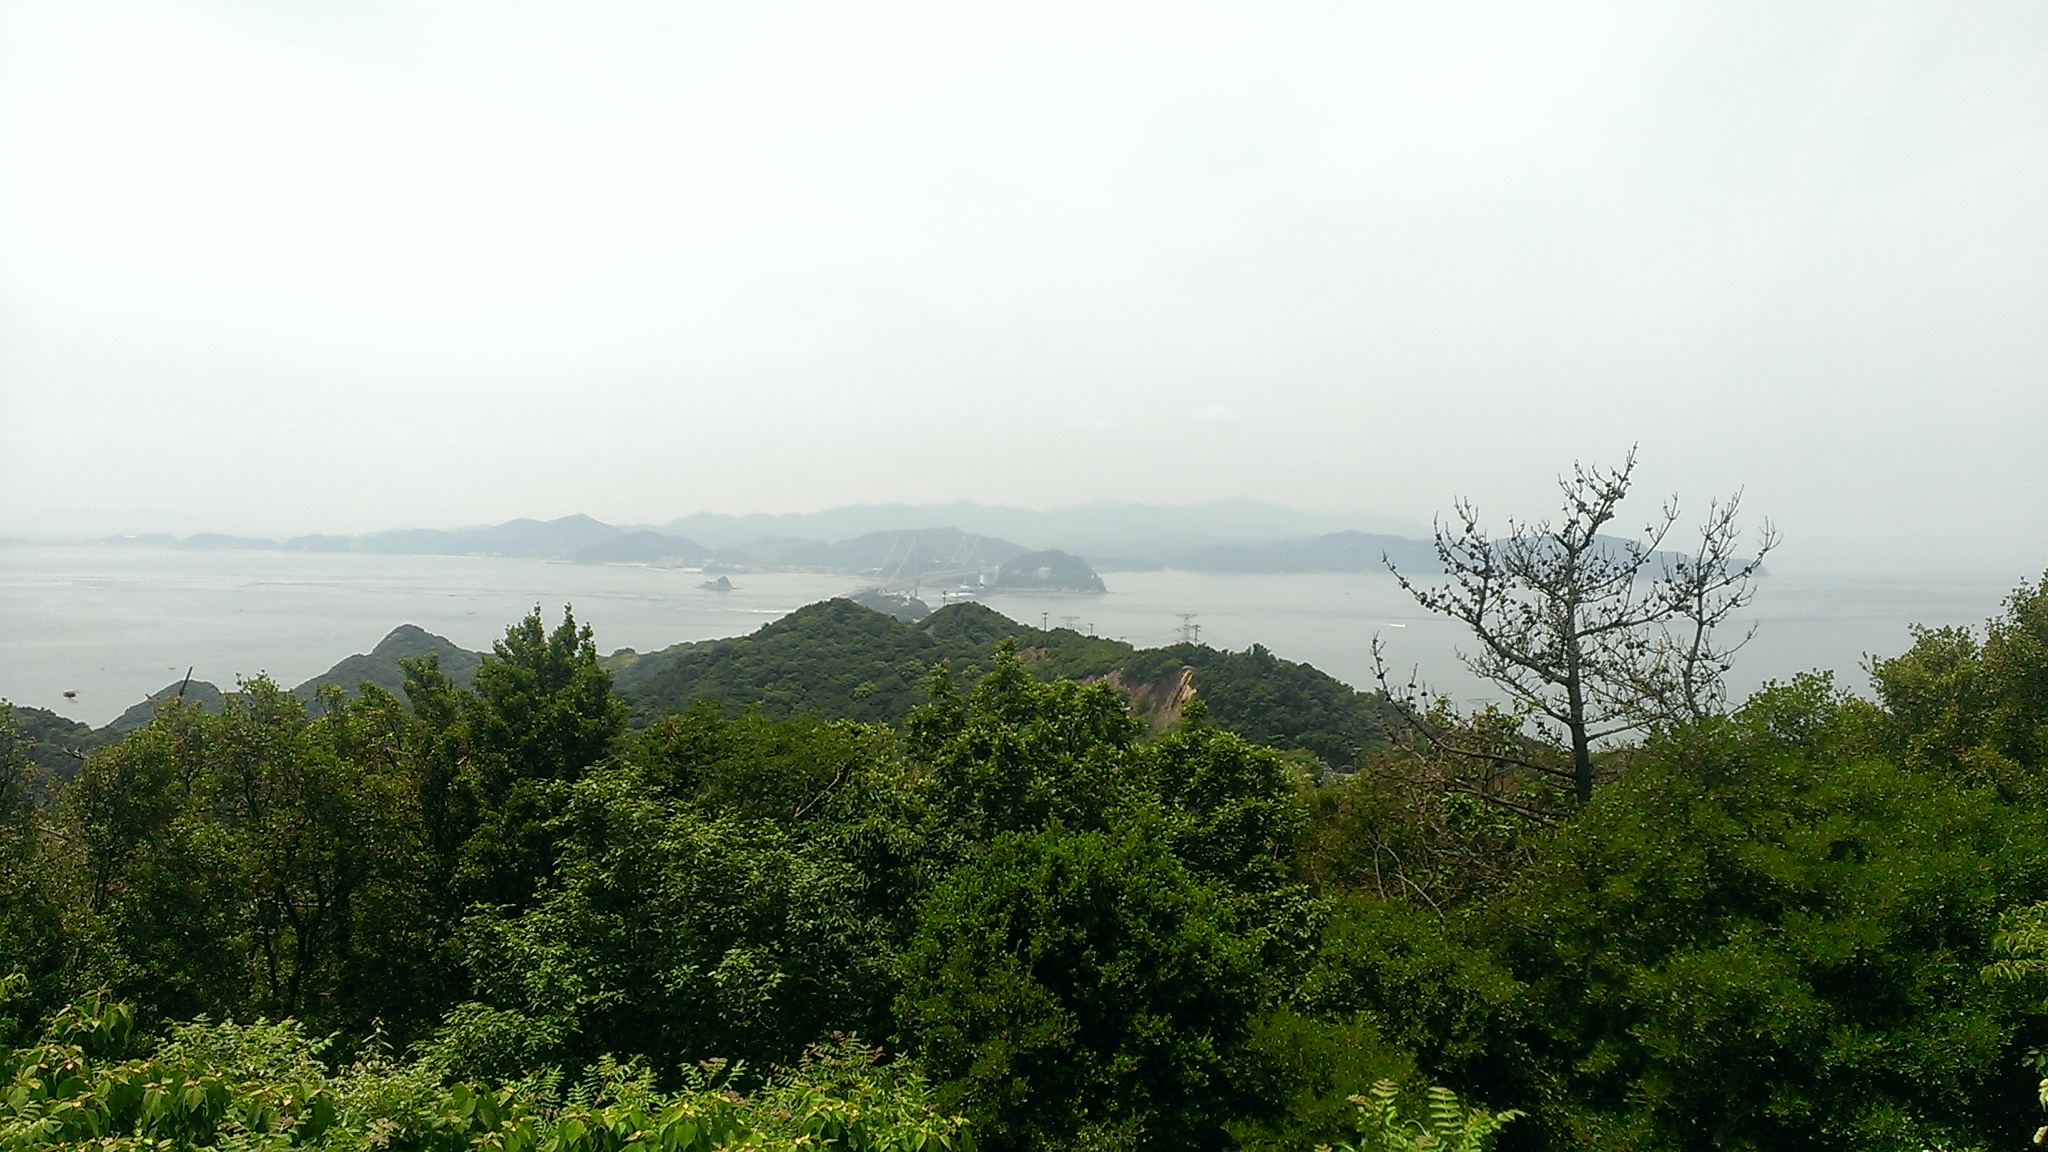 おれは社員旅行で香川県にいると思ったらいつの間にか淡路島にいた